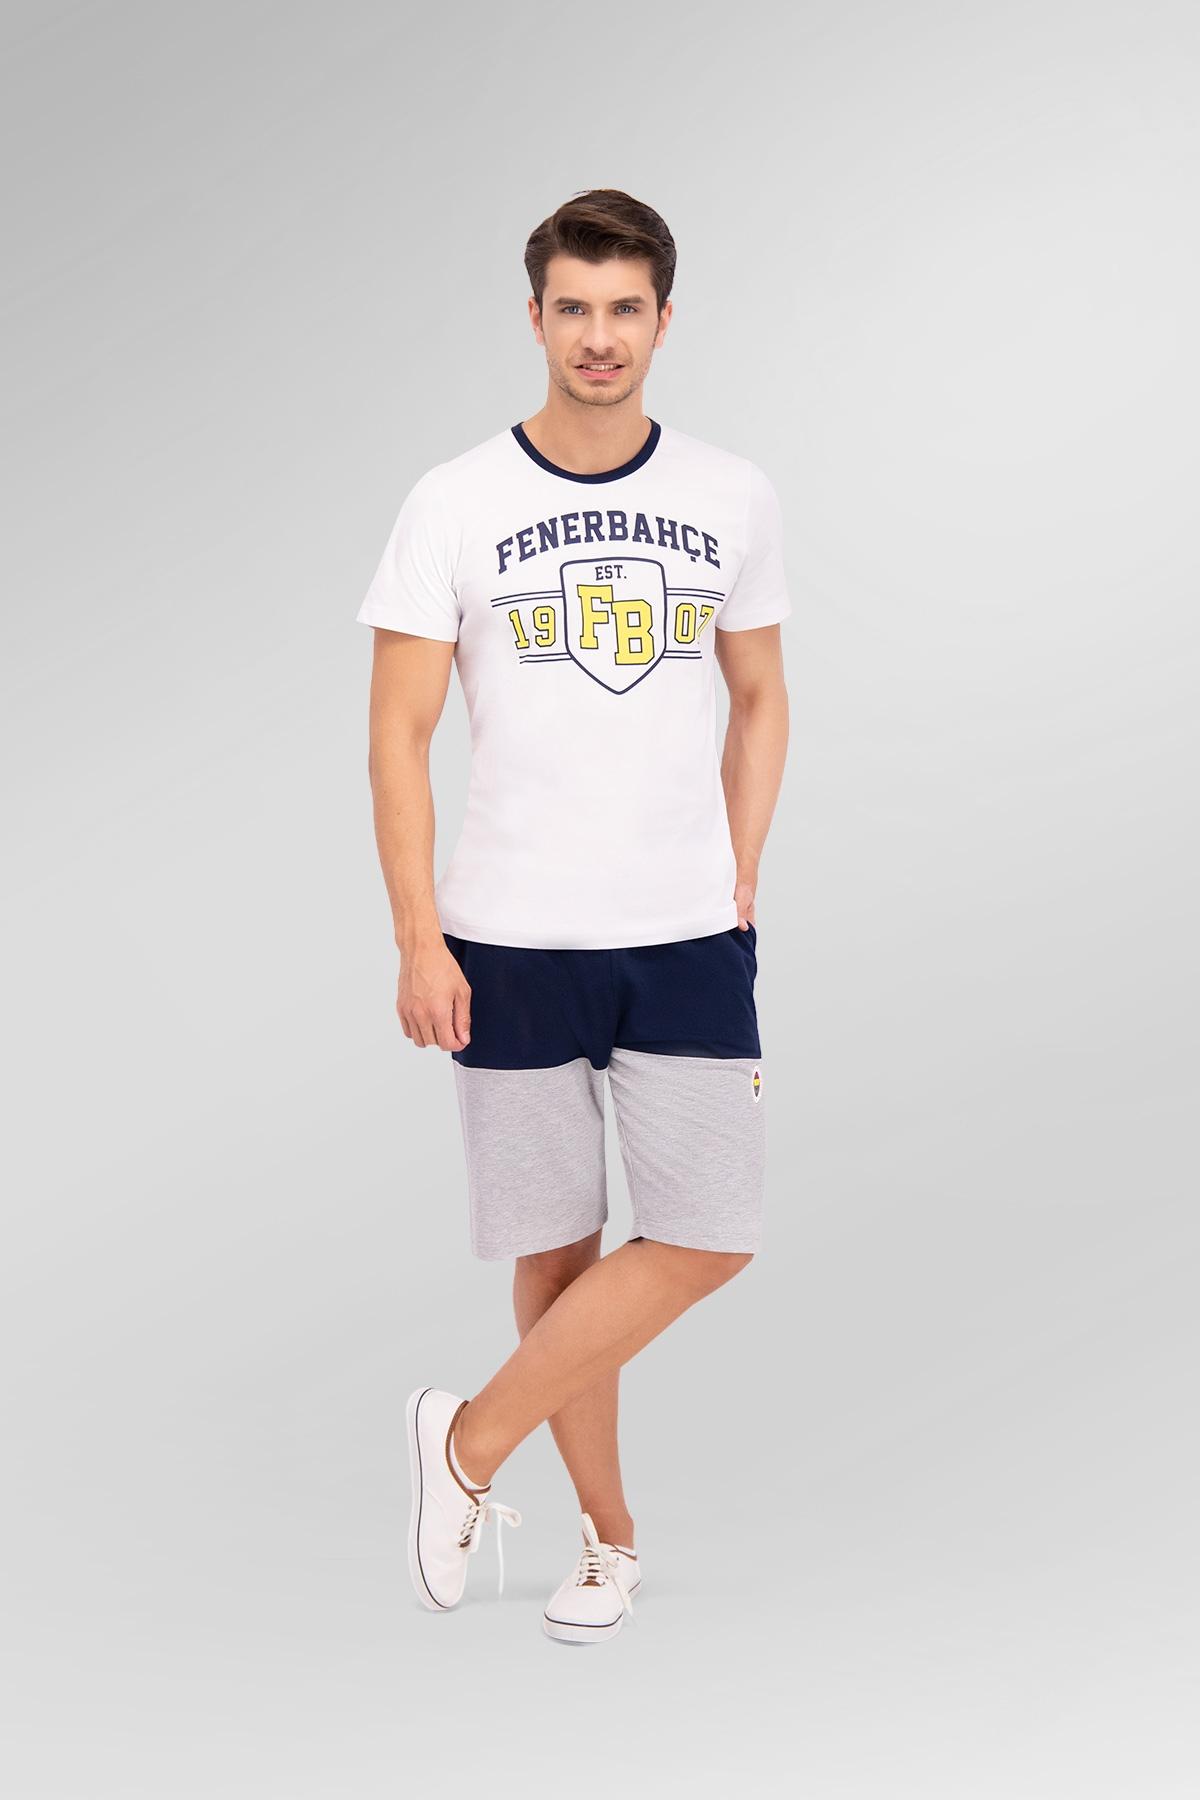 Fenerbahçe Lisanslı Beyaz Baba Oğul Bermuda Takım (1)